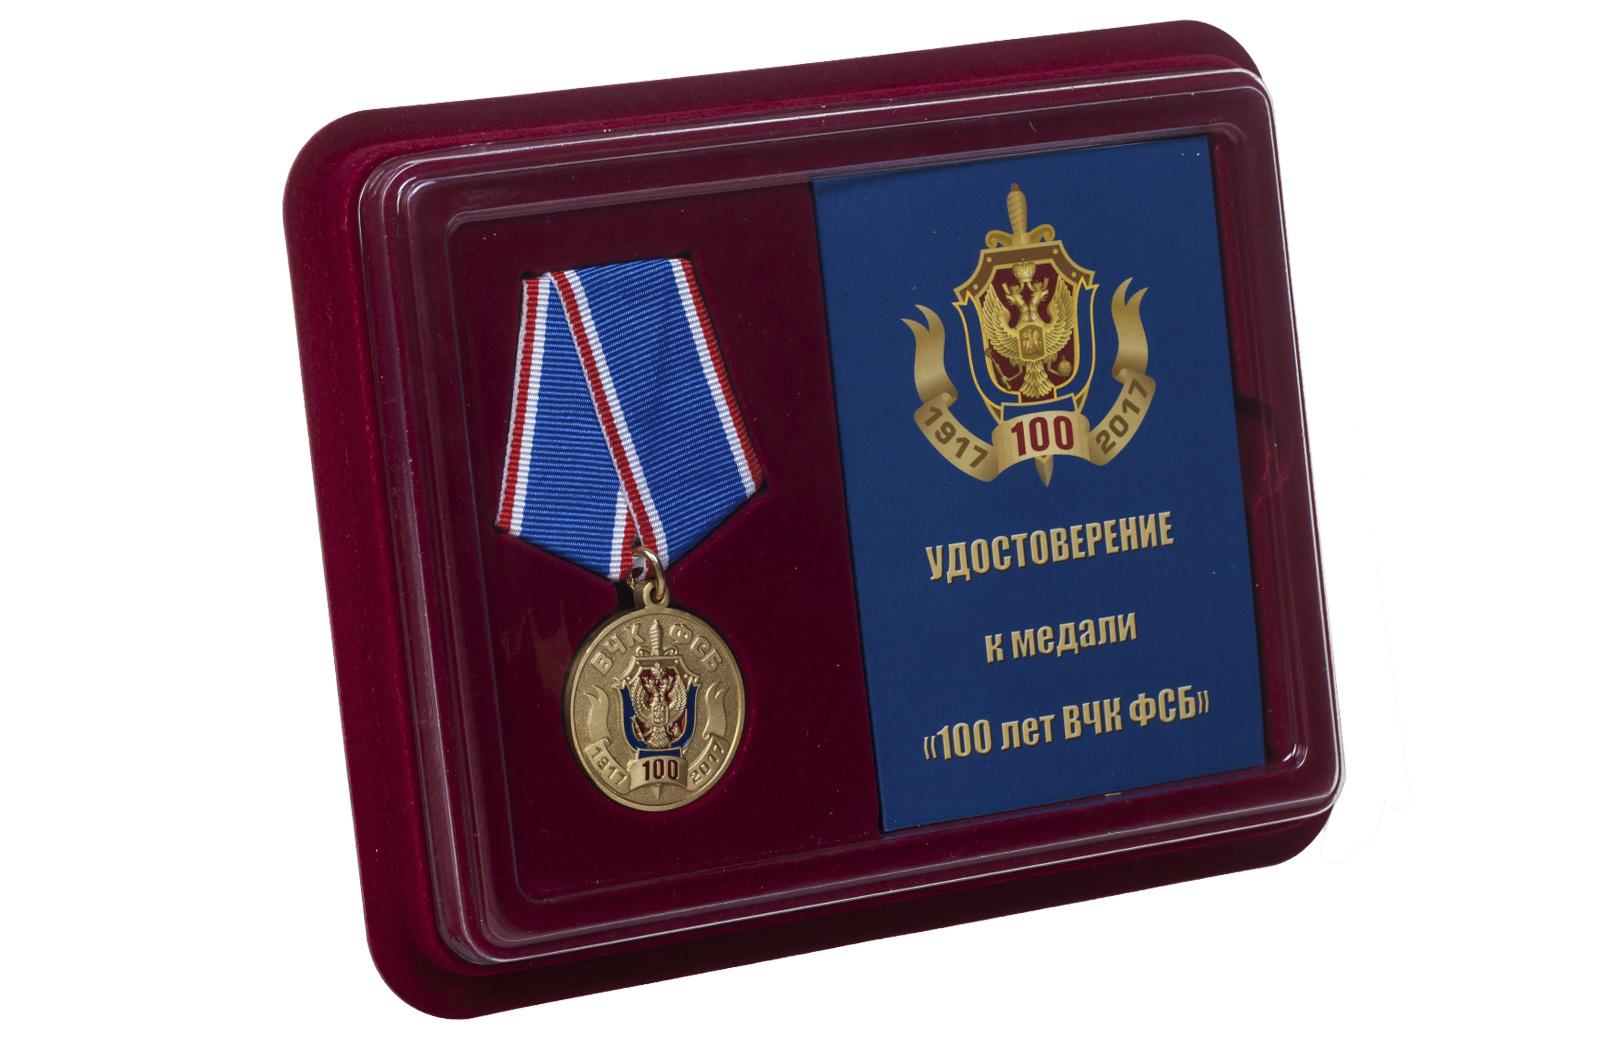 """Медаль """"ФСБ - 100 лет"""" в наградном футляре"""